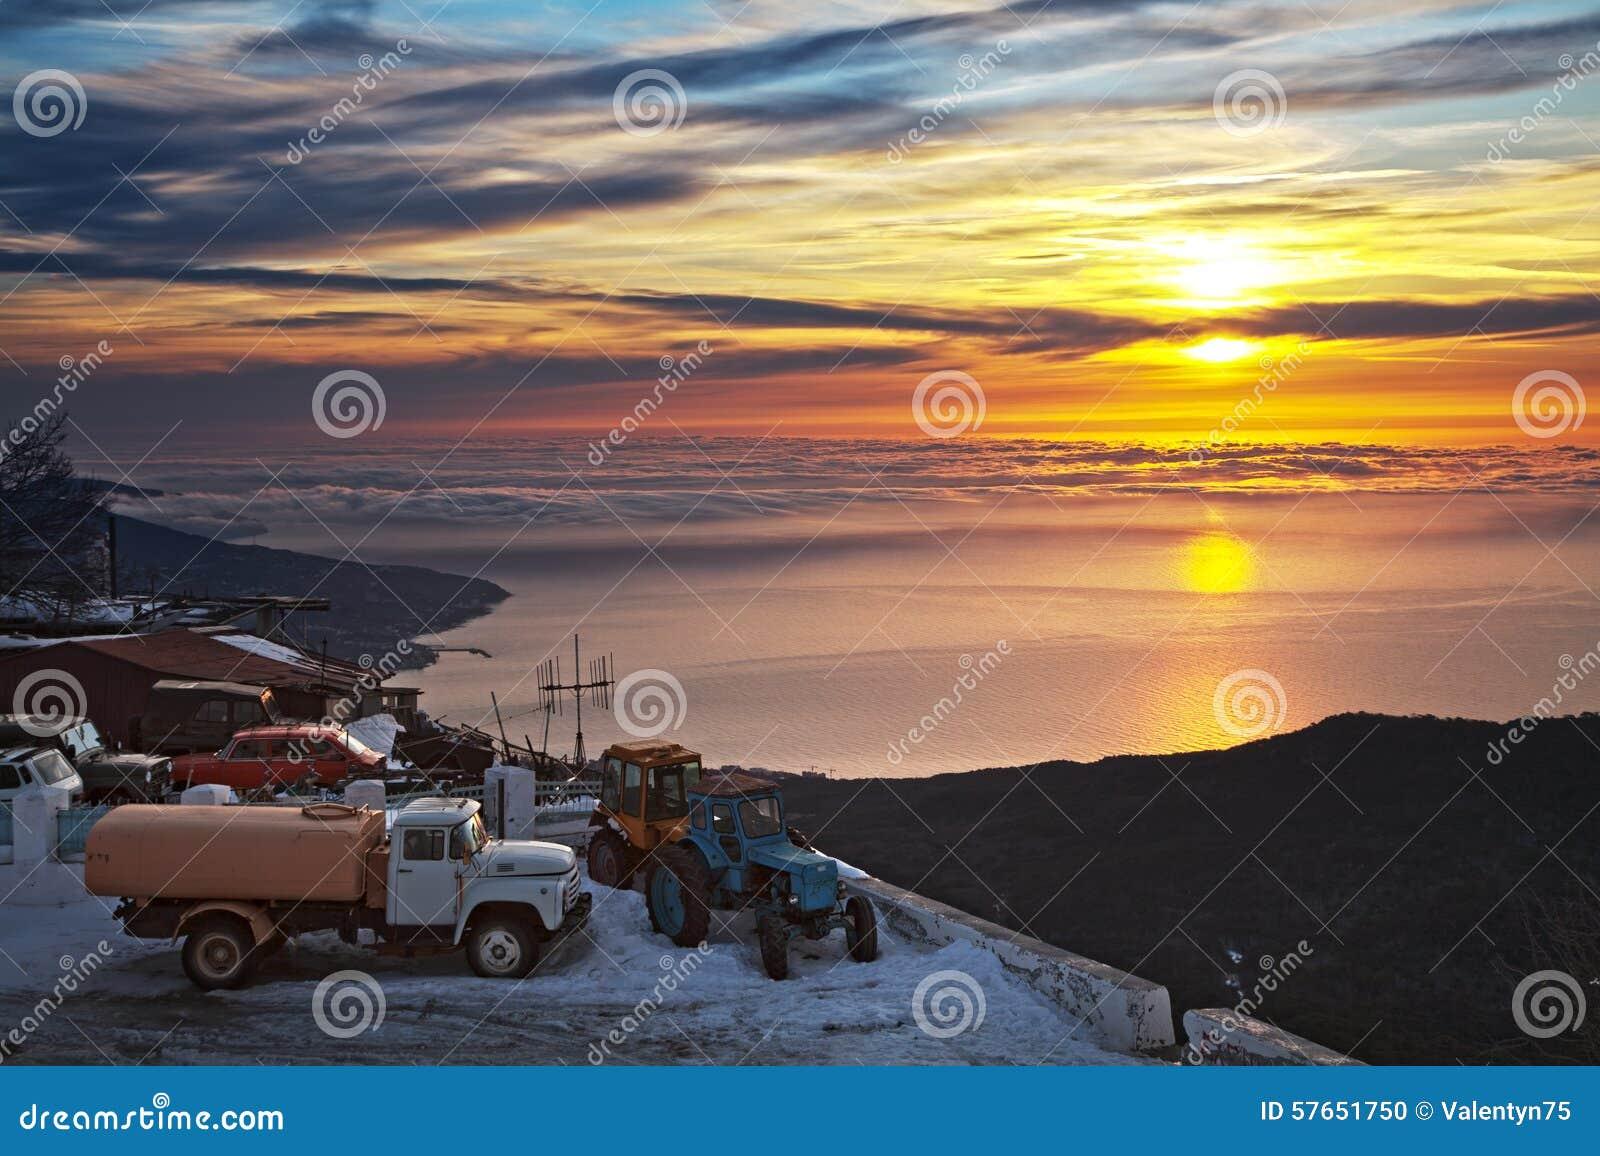 Beautiful sunrise in the Ay-Petry.